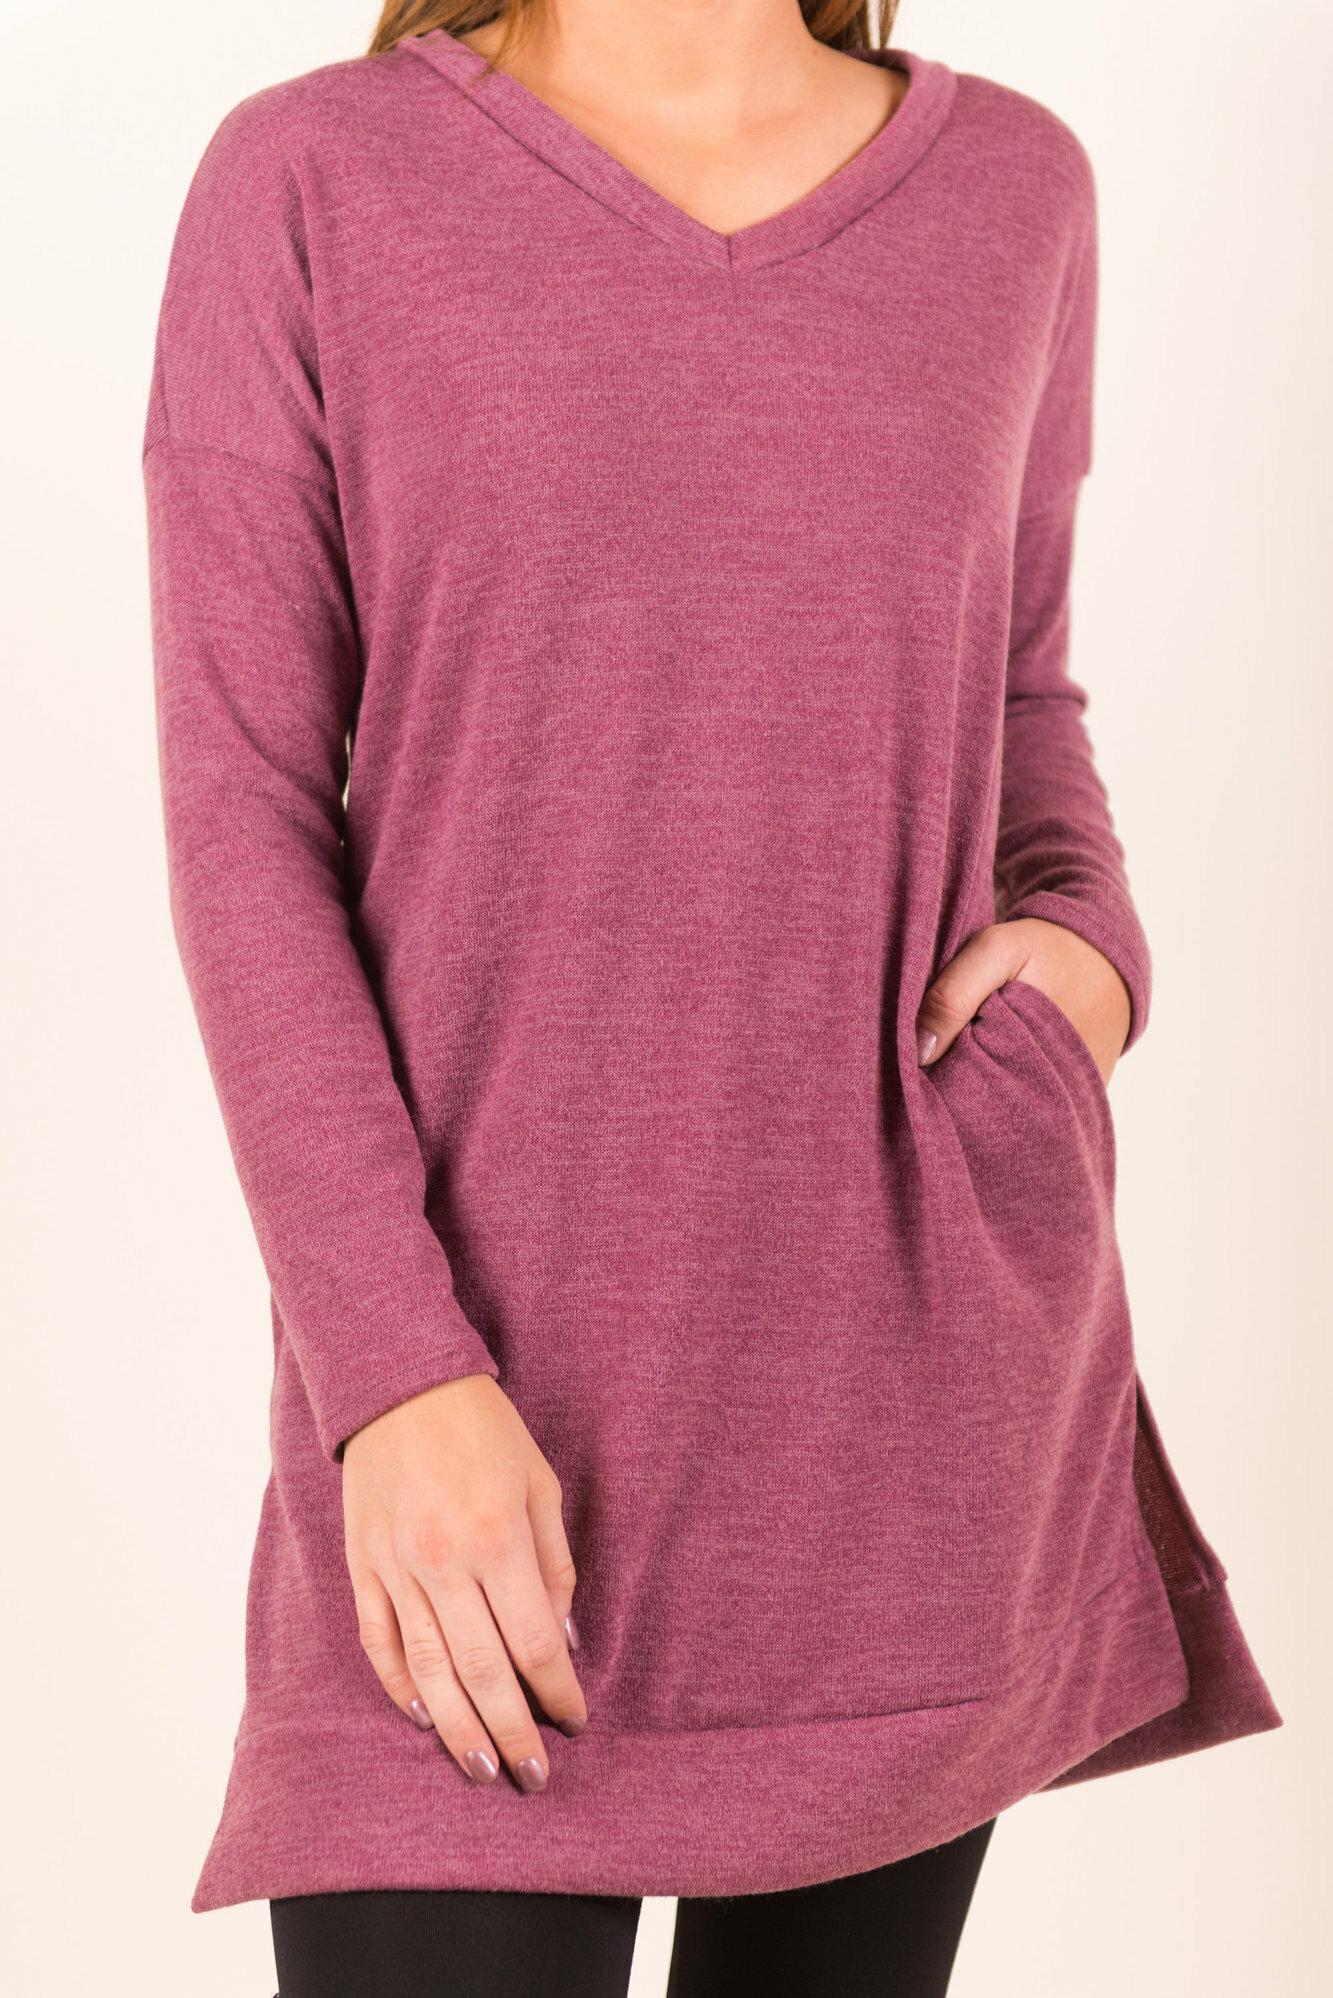 Women Long Sleeve Causal V Neck Solid Pockets Pullover Sweatshirt